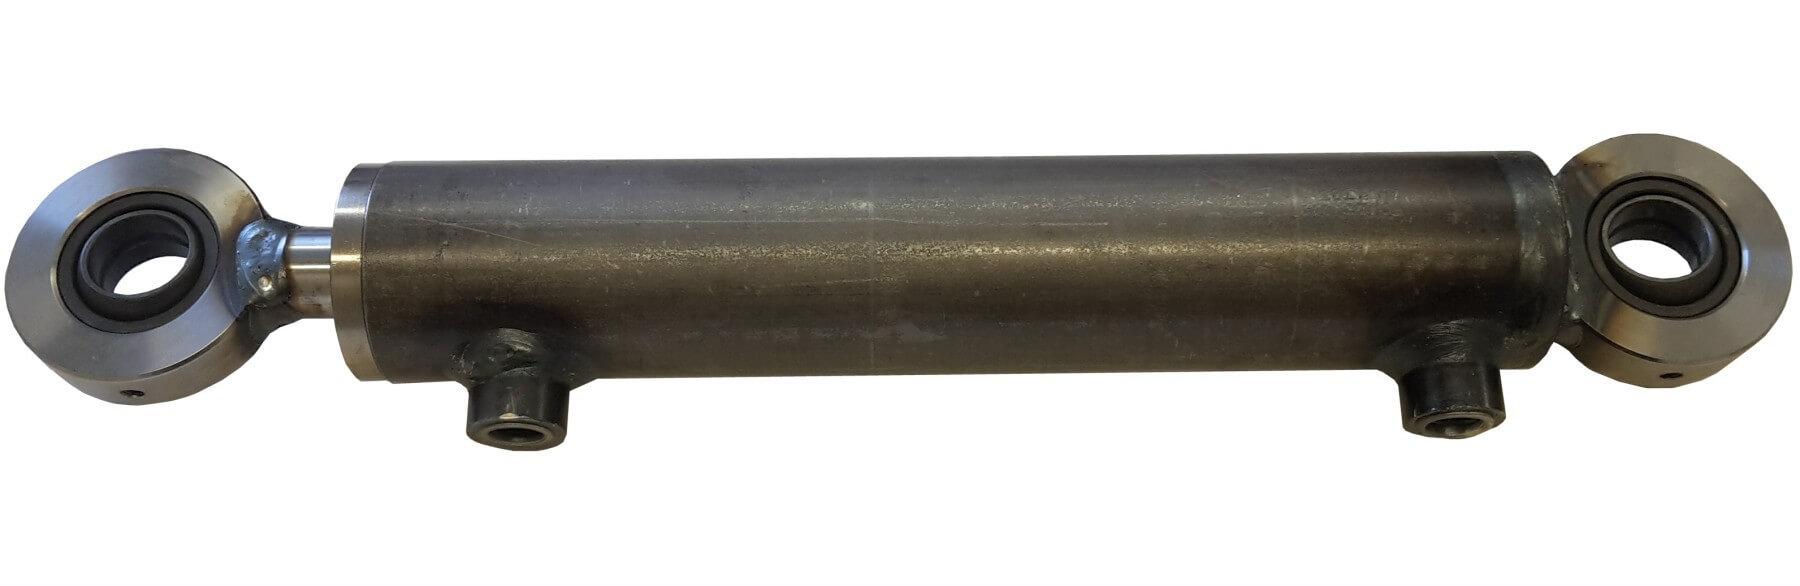 Hydraulisylinteri CL 50. 30. 350 GE - Kailatec Oy Verkkokauppa